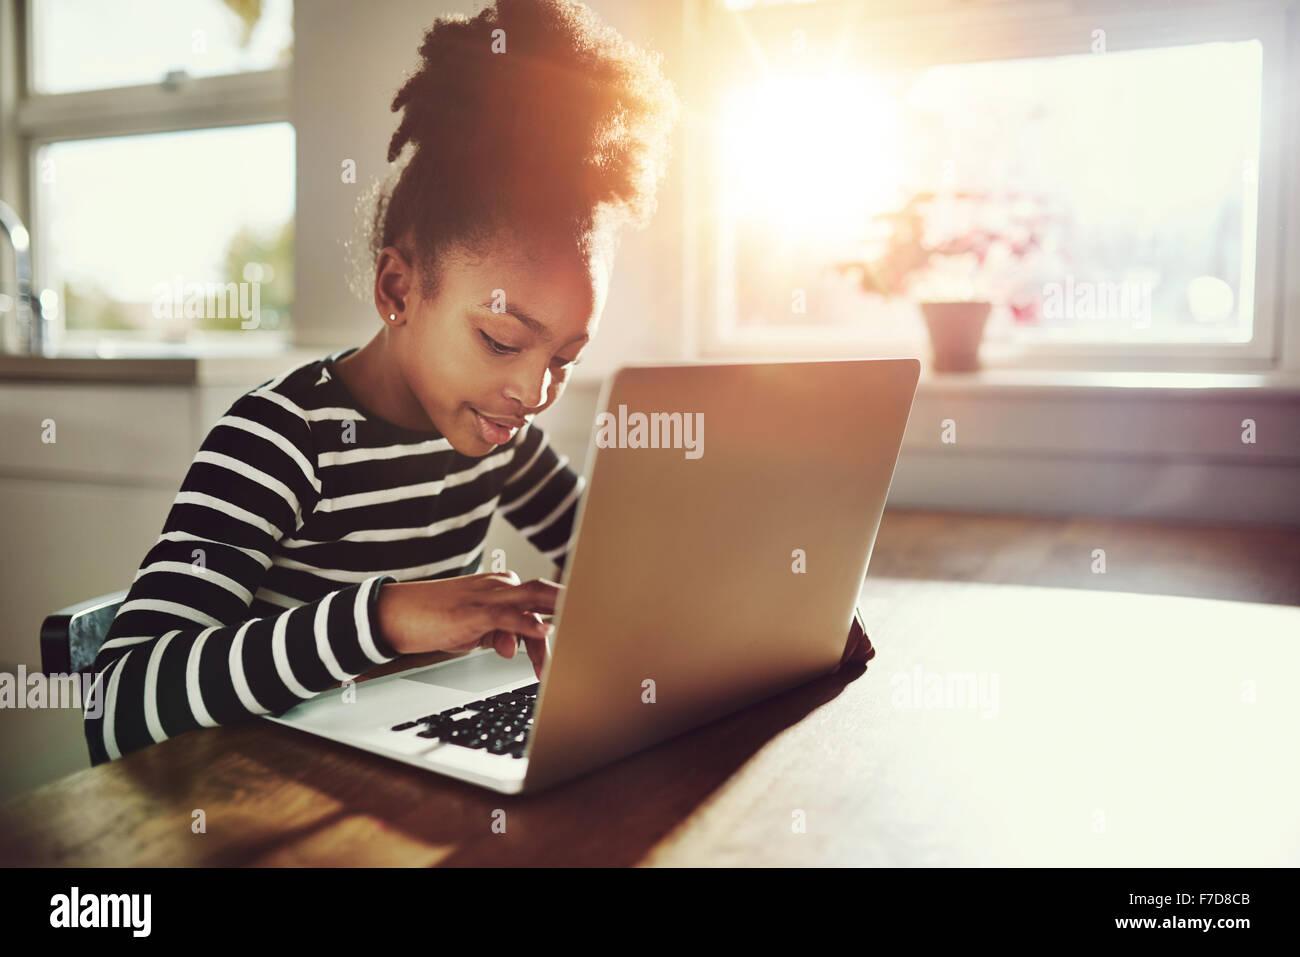 Chica étnicas con un lindo peinado afro sentada en su casa utilizando un ordenador portátil para realizar Imagen De Stock